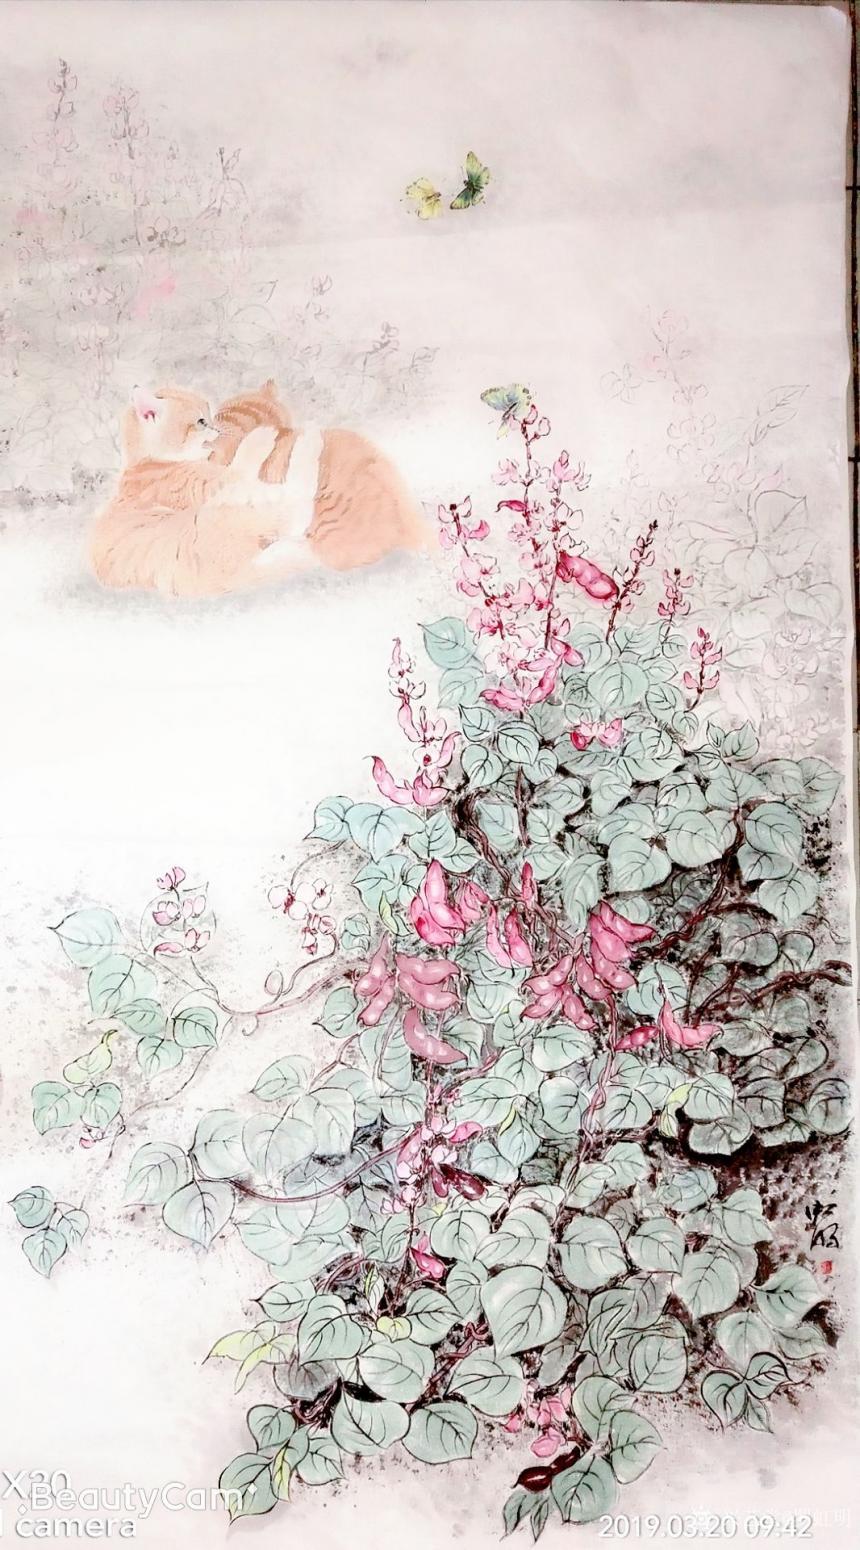 罗虹明国画作品《两小无猜(猫)》